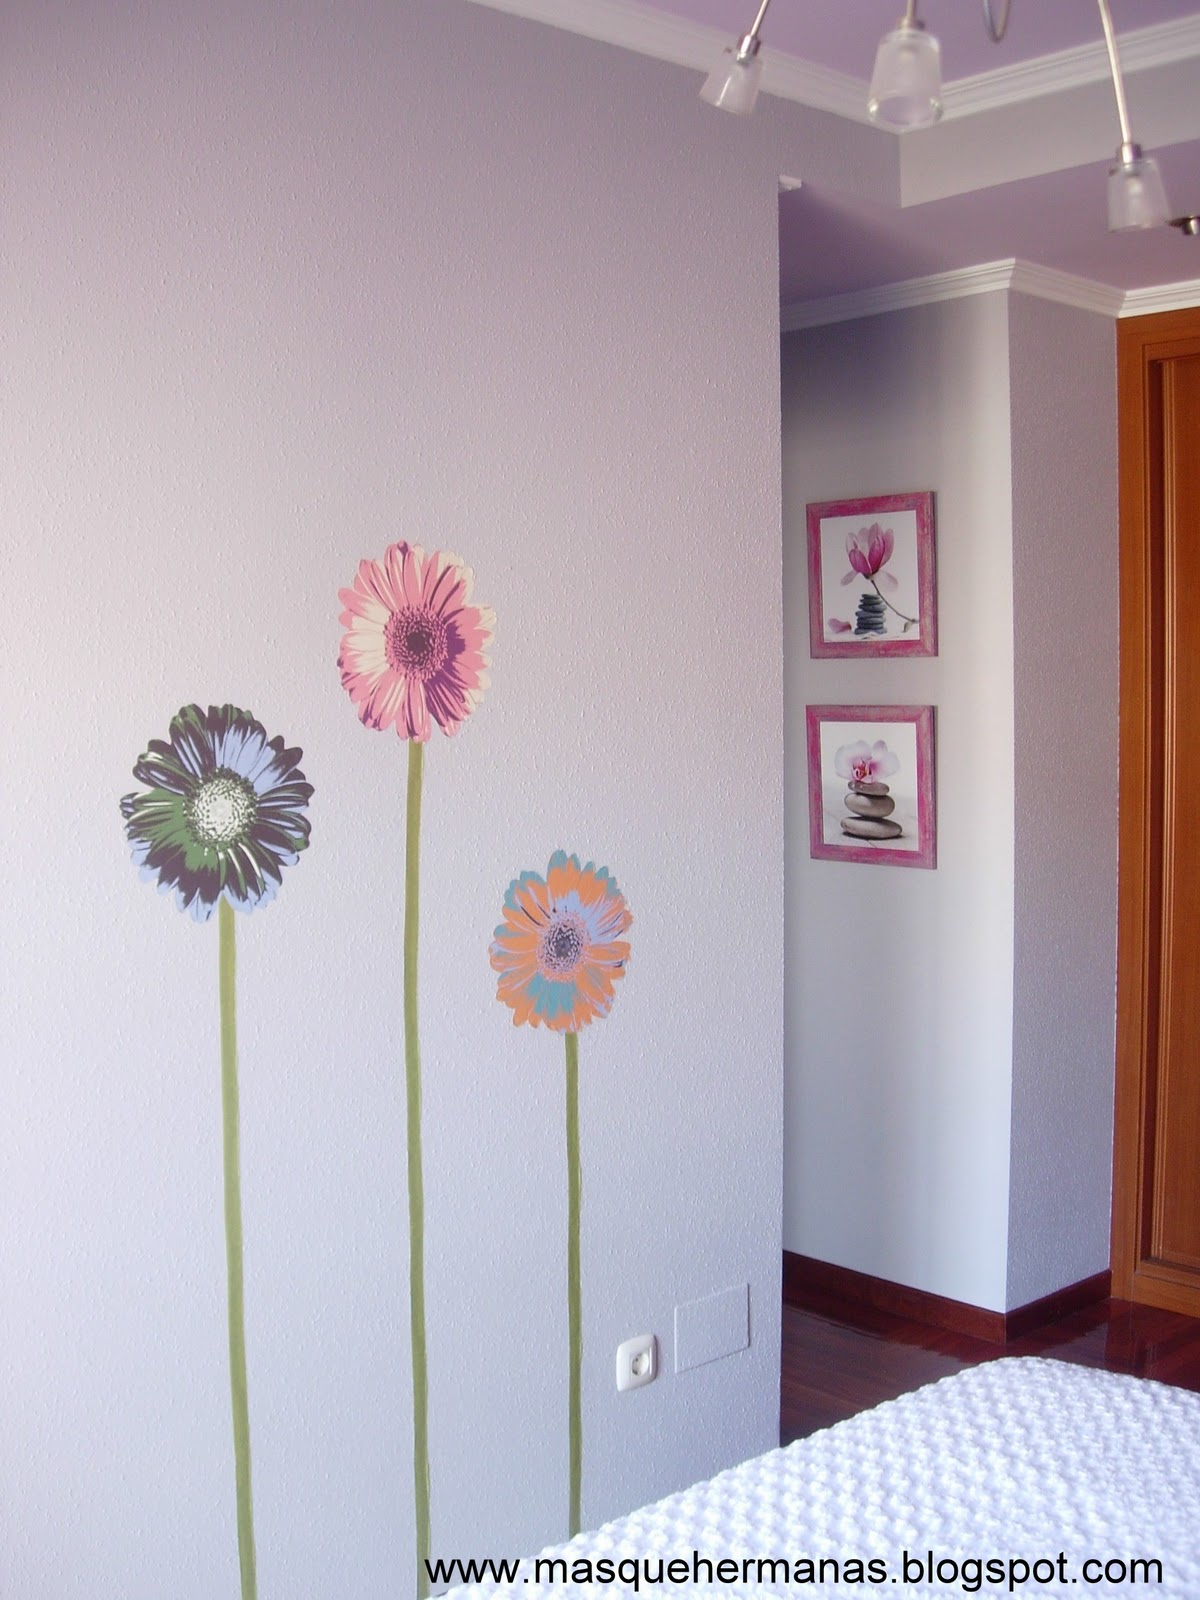 M s que hermanas vinilos y l minas decorativas - Laminas vinilicas para paredes ...